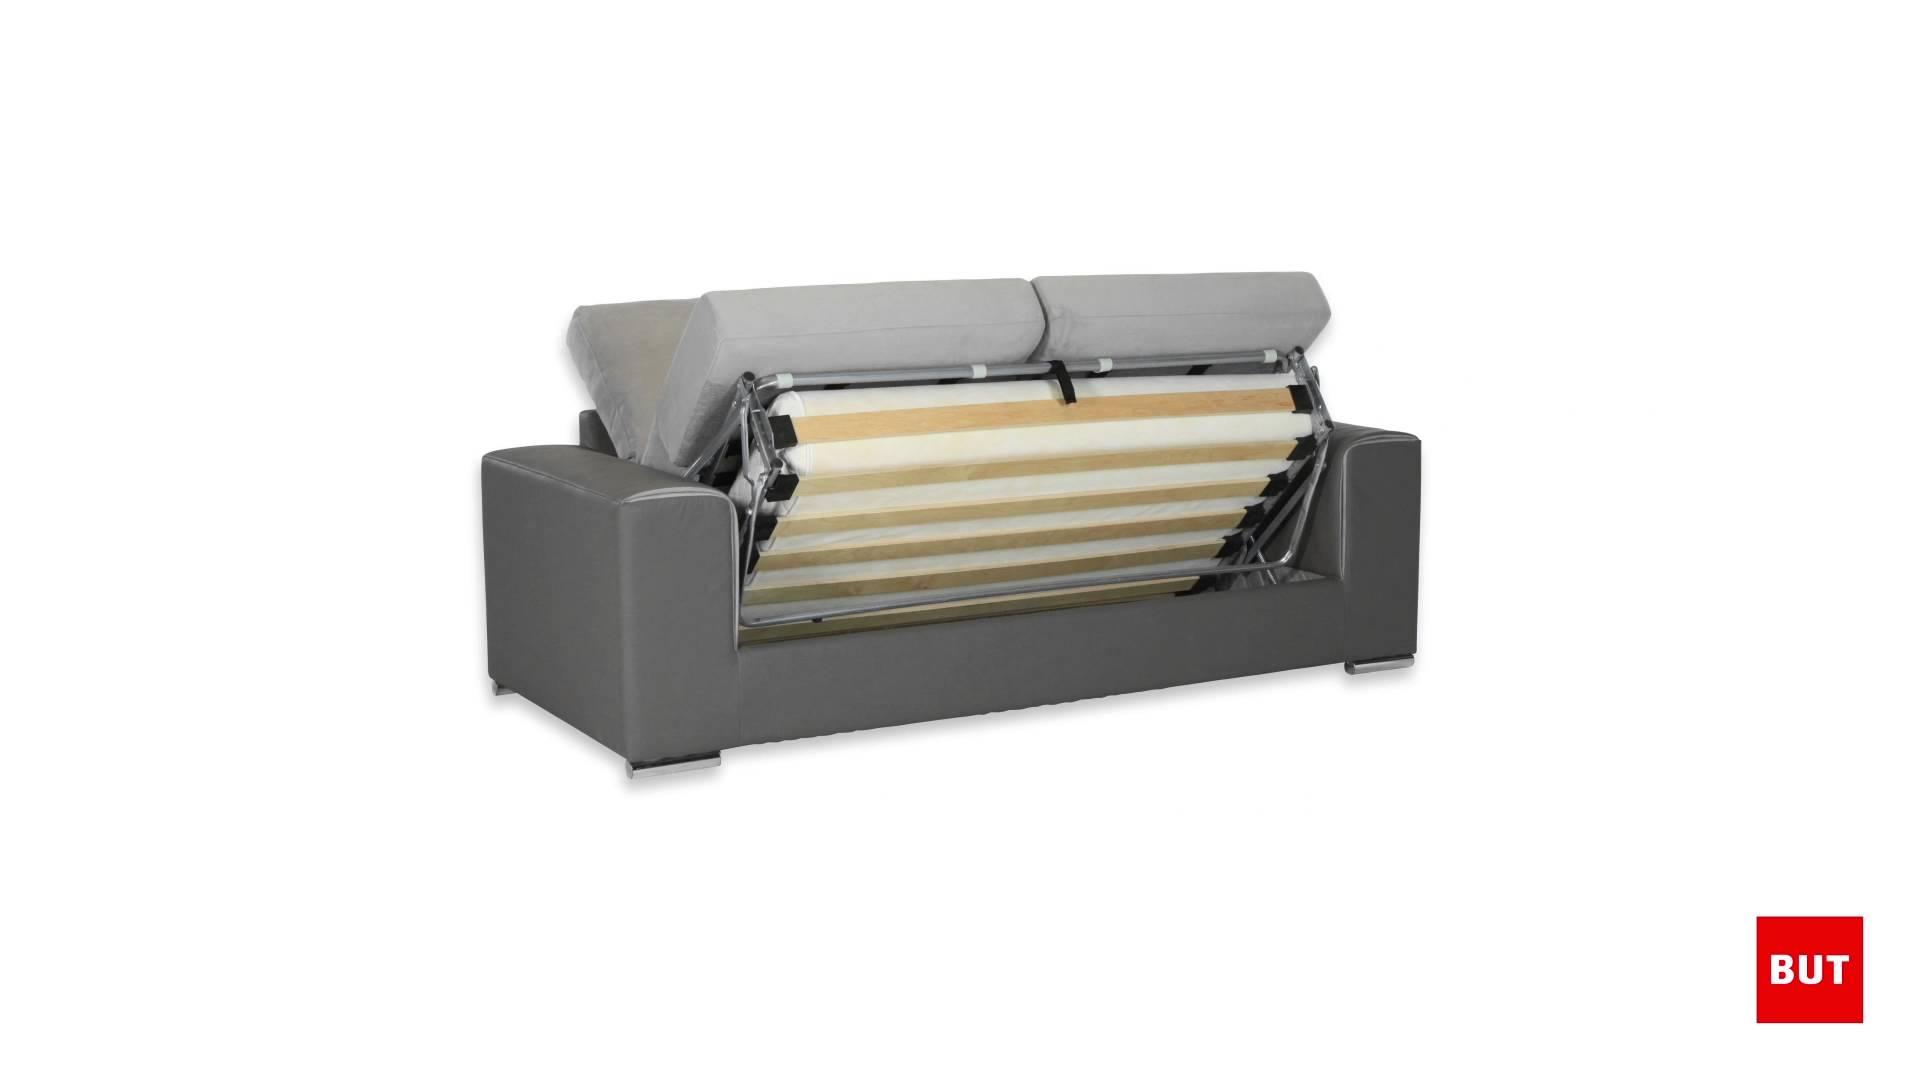 Canapé Convertible Rapido but Frais Photographie Canap Convertible Beige Finest Canape Lit Convertible Electrique